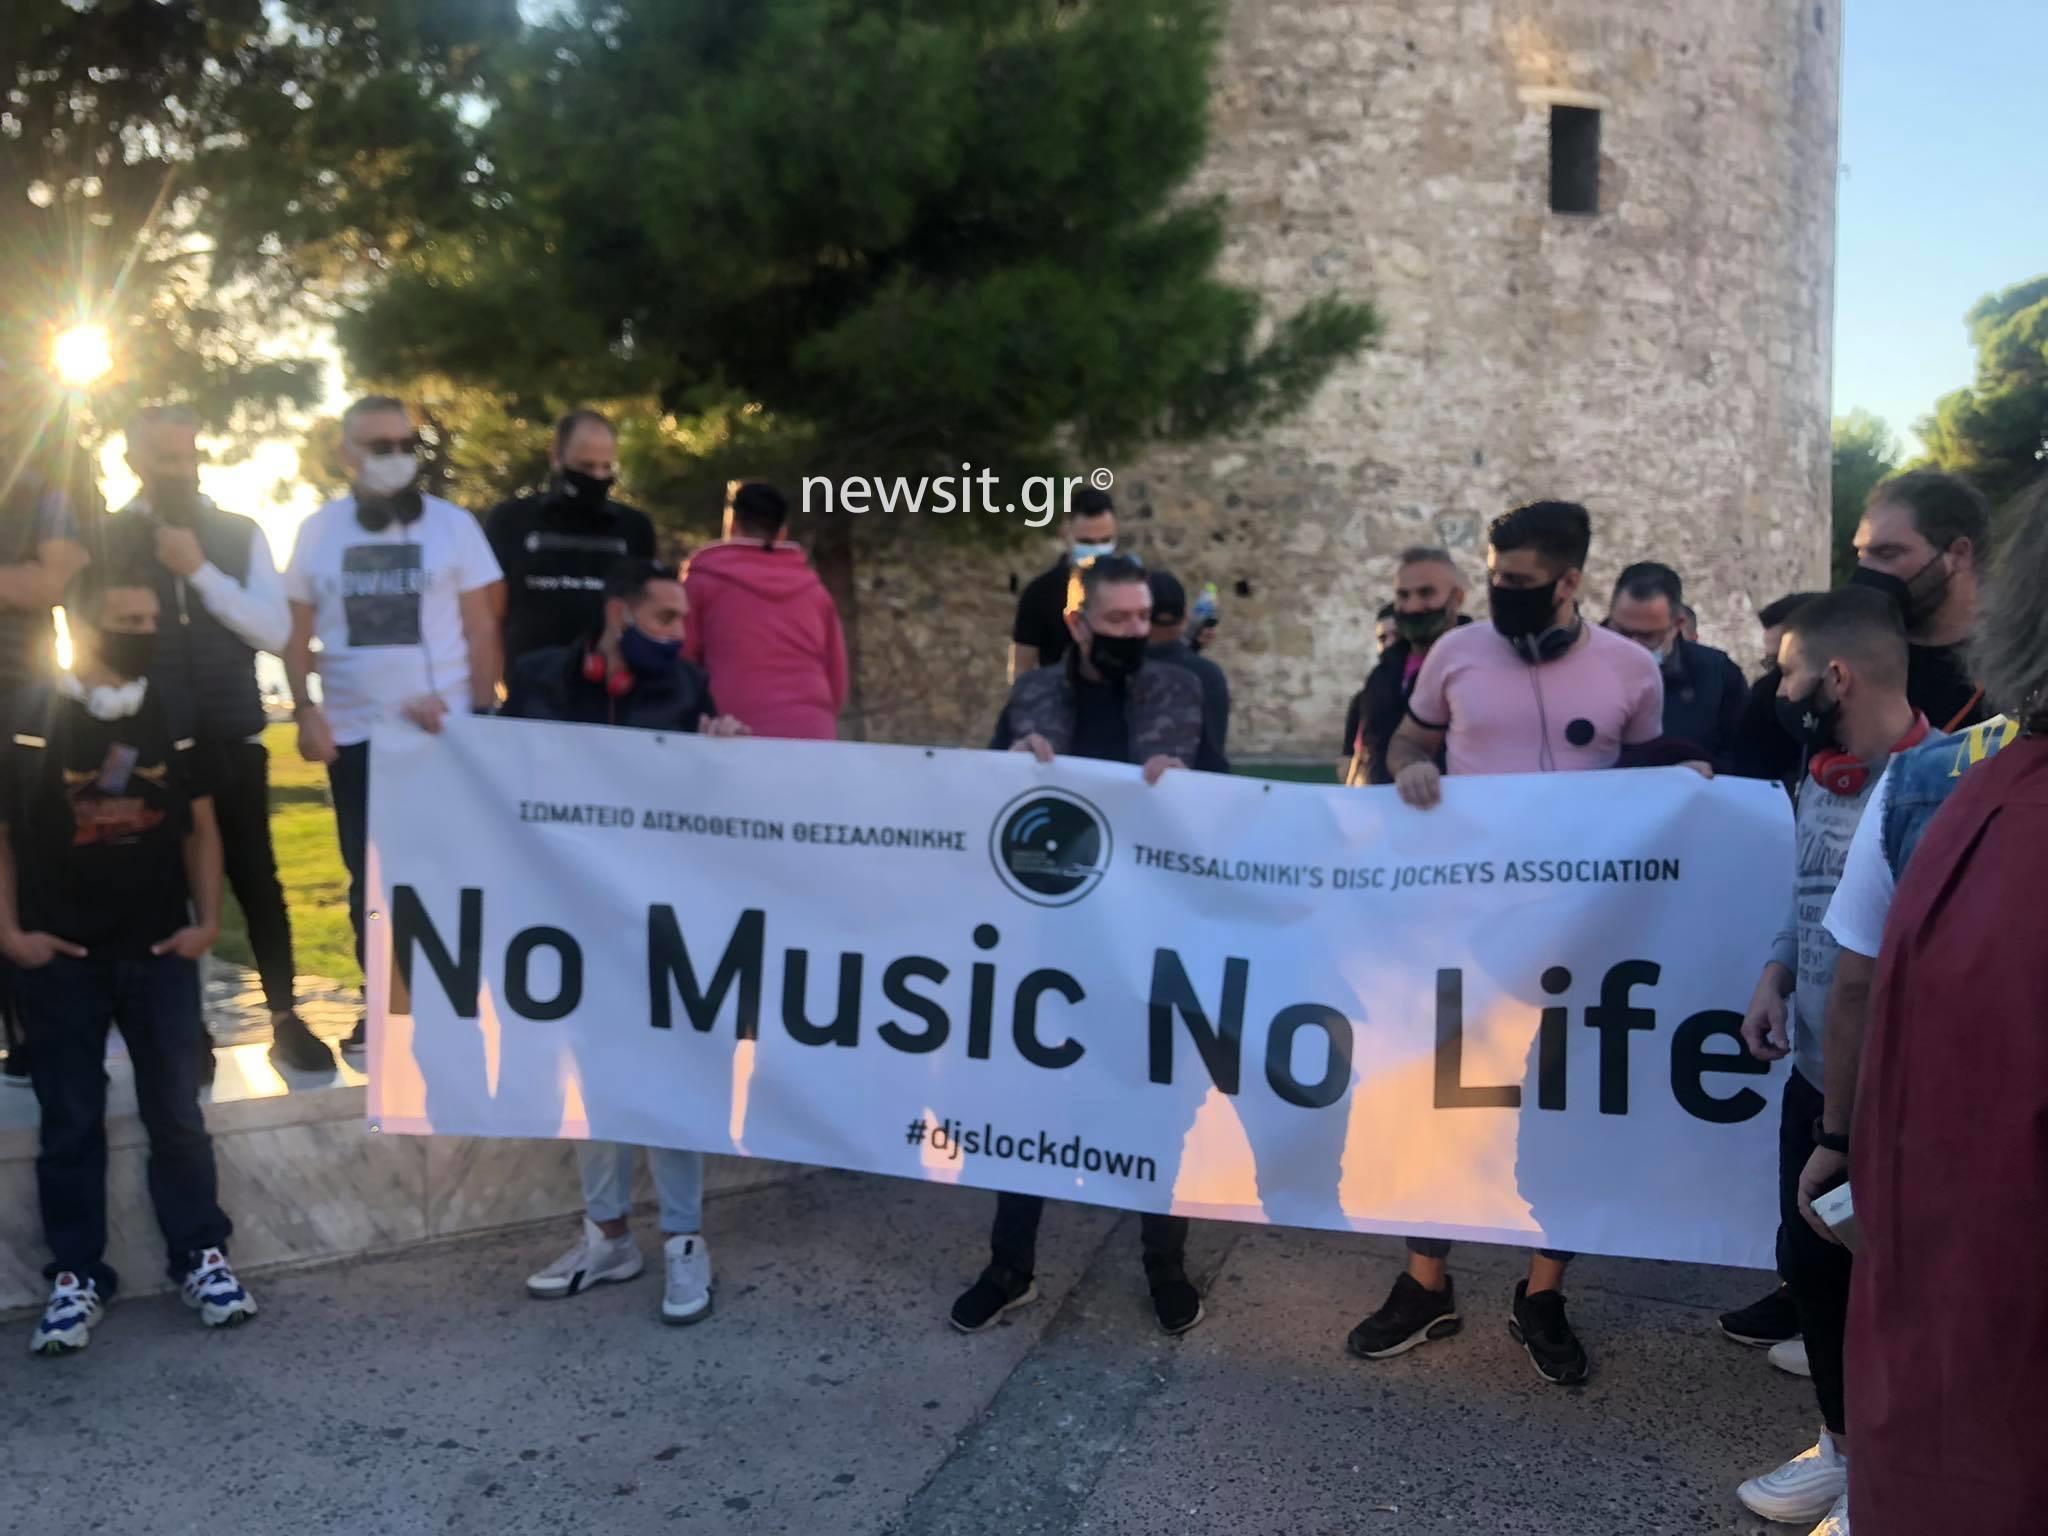 Κορονοϊός: Στους δρόμους της Θεσσαλονίκης διαμαρτυρόμενοι DJ - NewsIT